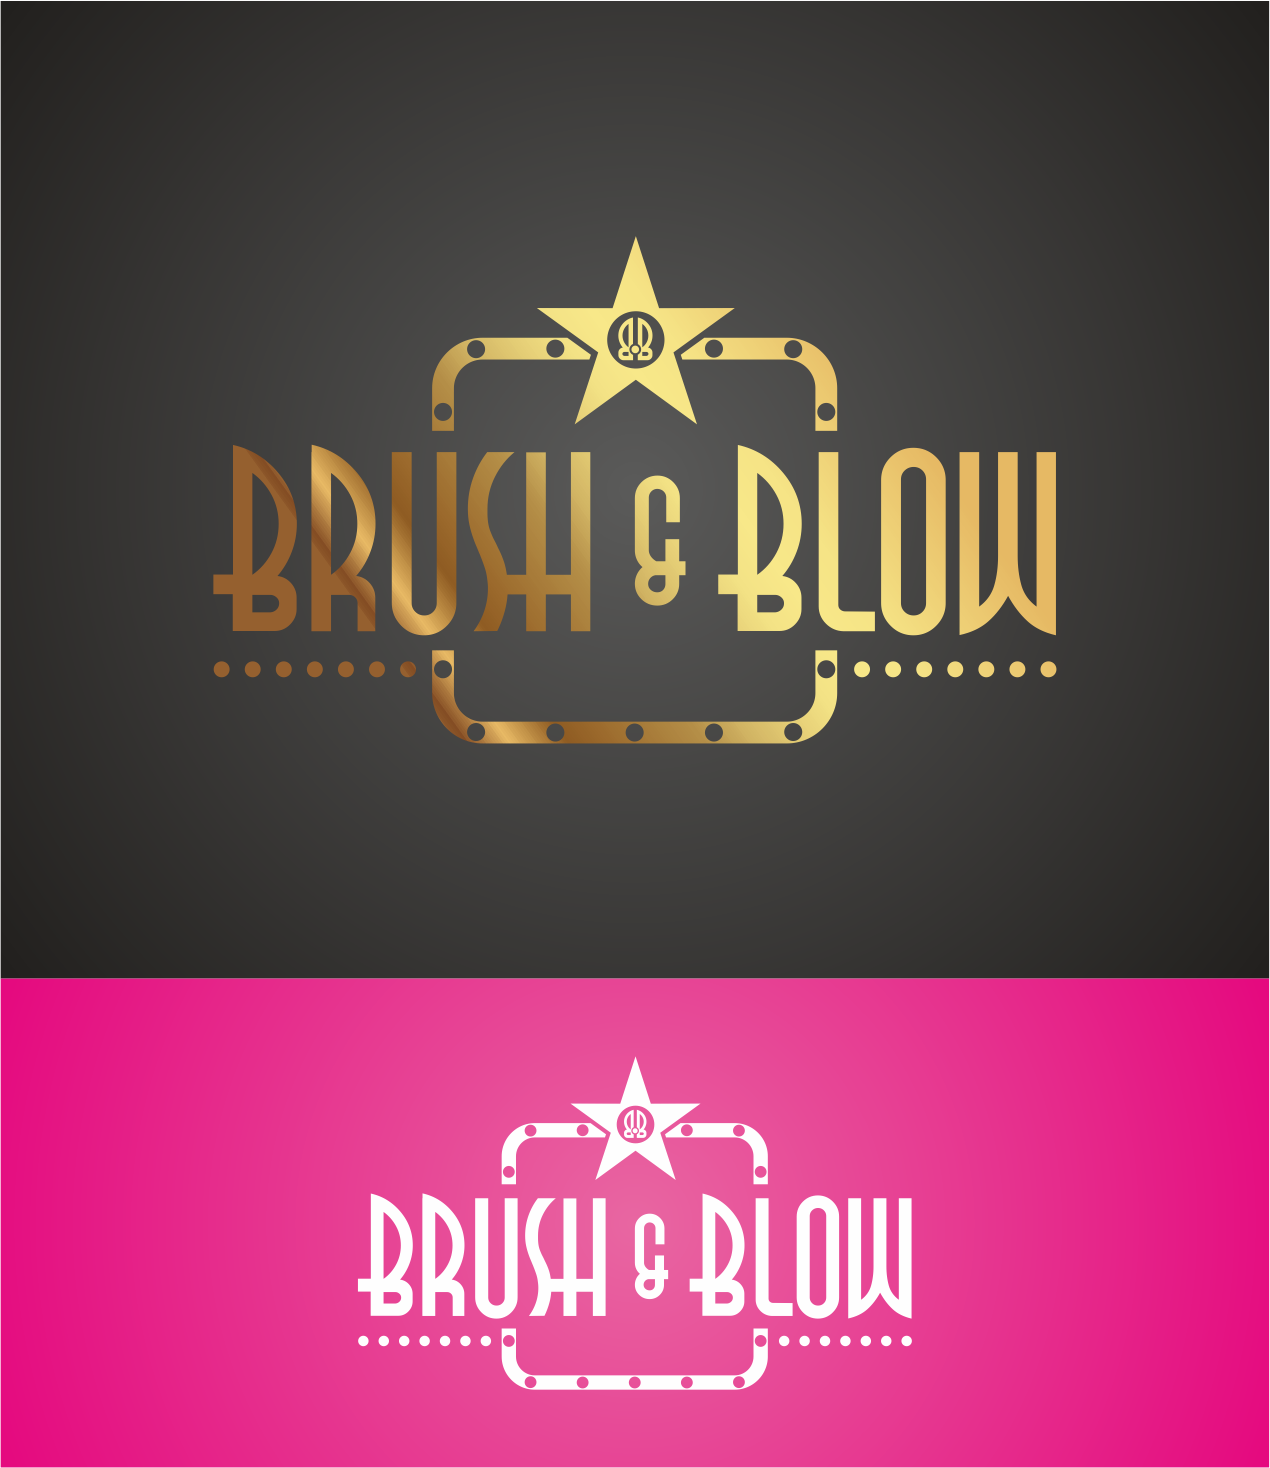 создание логотипа и фирменного стиля фото f_872563f601e83f7b.png